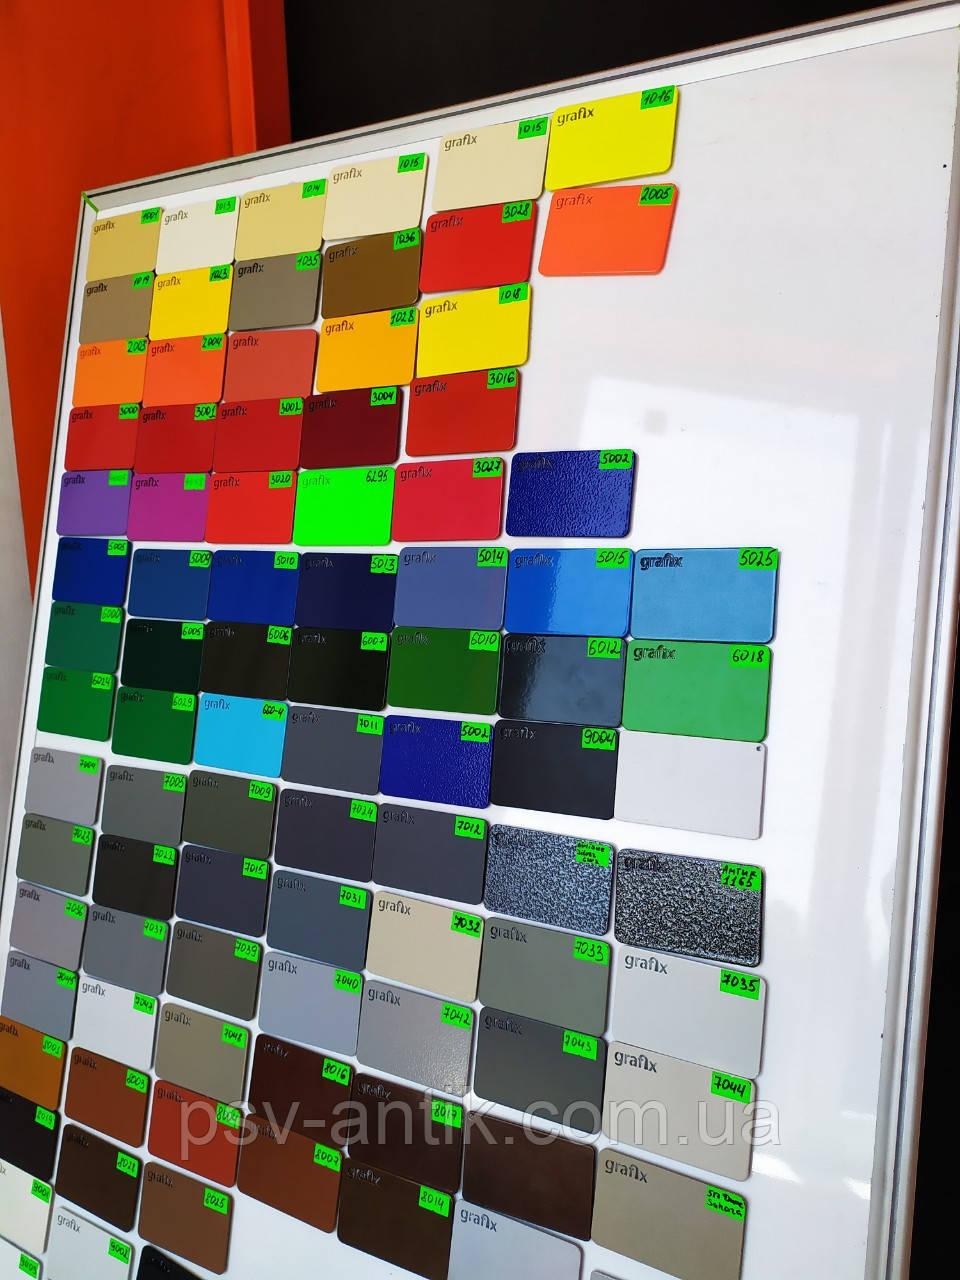 Порошковая краска матовая, полиэфирная, архитектурная, 3003